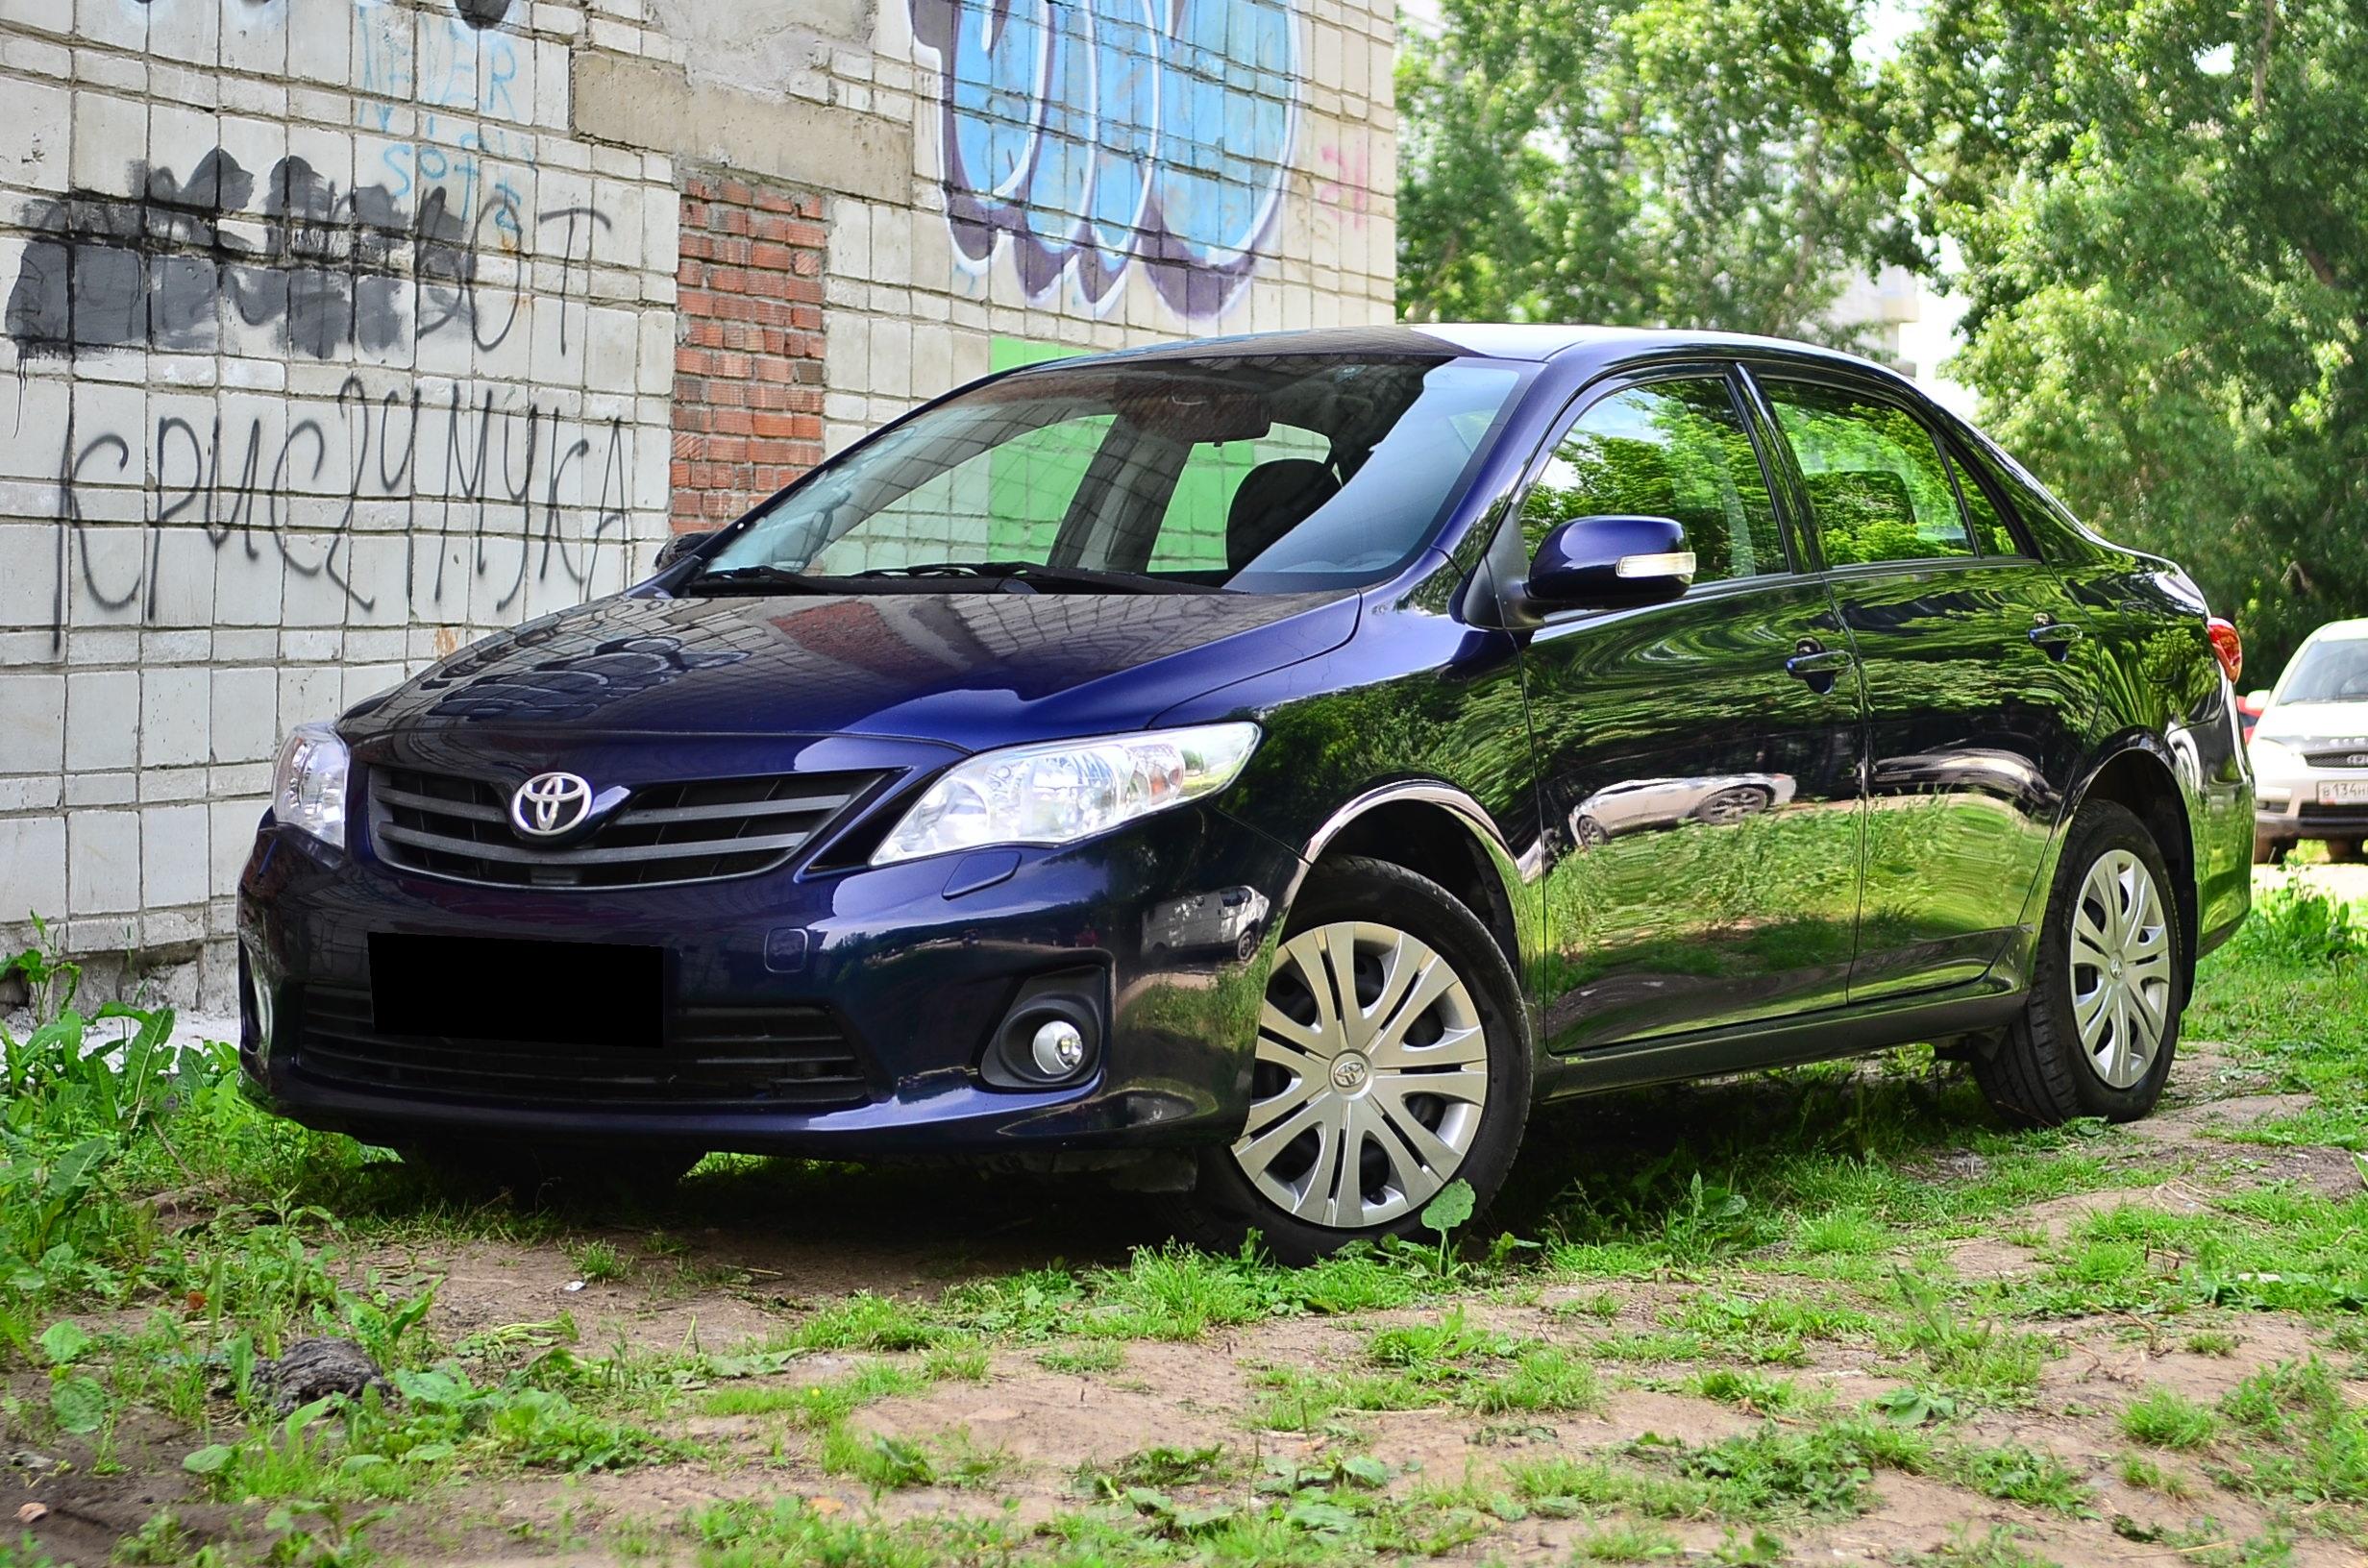 Toyota Corolla 700 000 руб